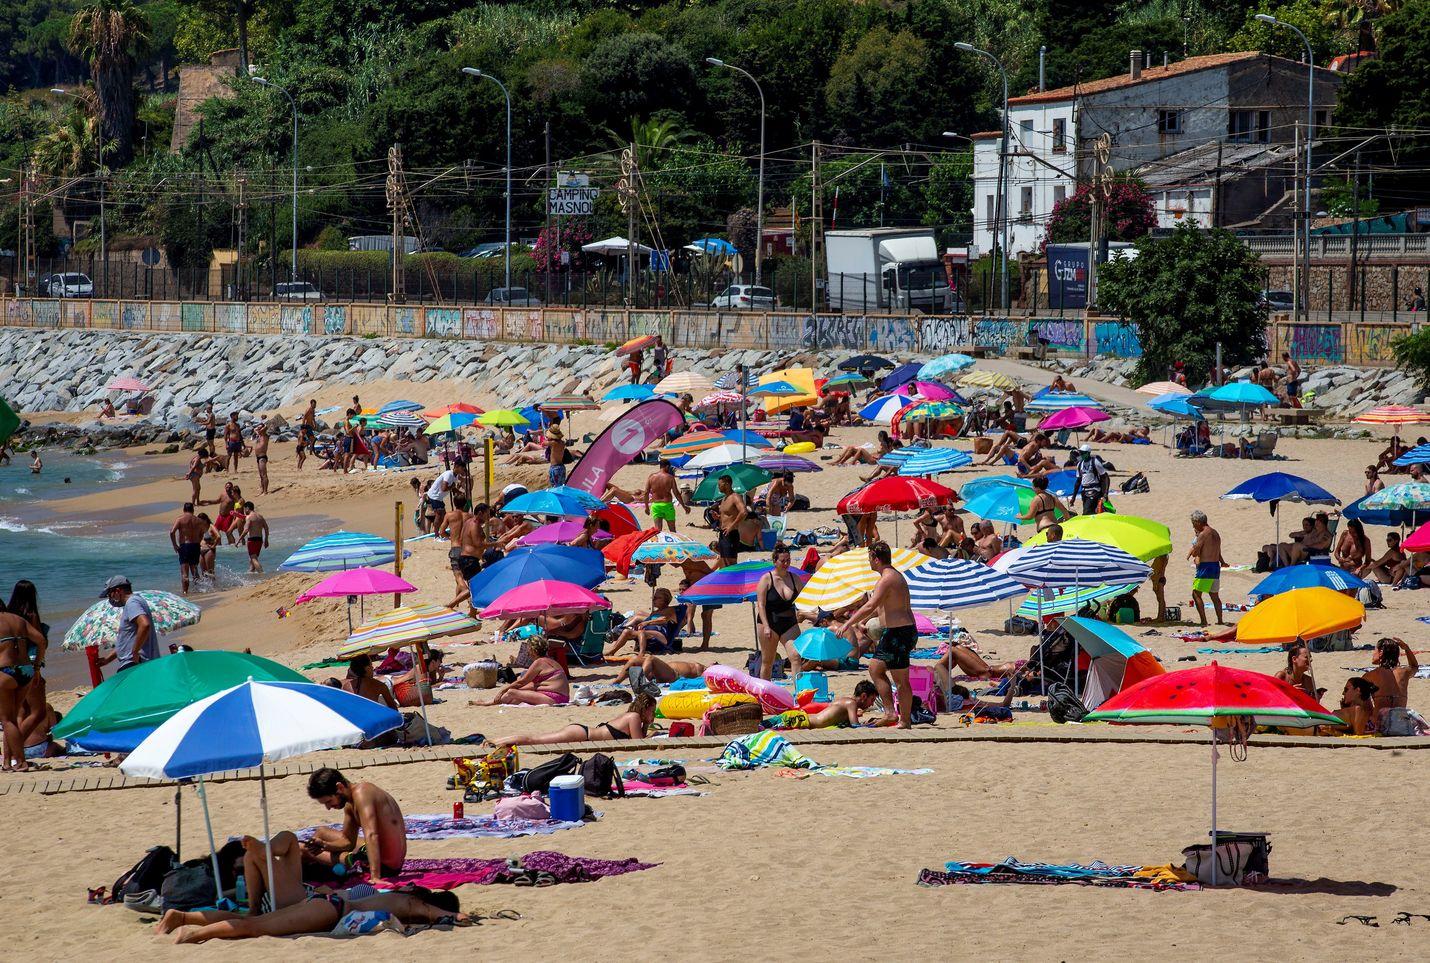 Elokuun ensimmäisen päivän tunnelmia El Masnoun rannalla Barcelonasta pohjoiseen.